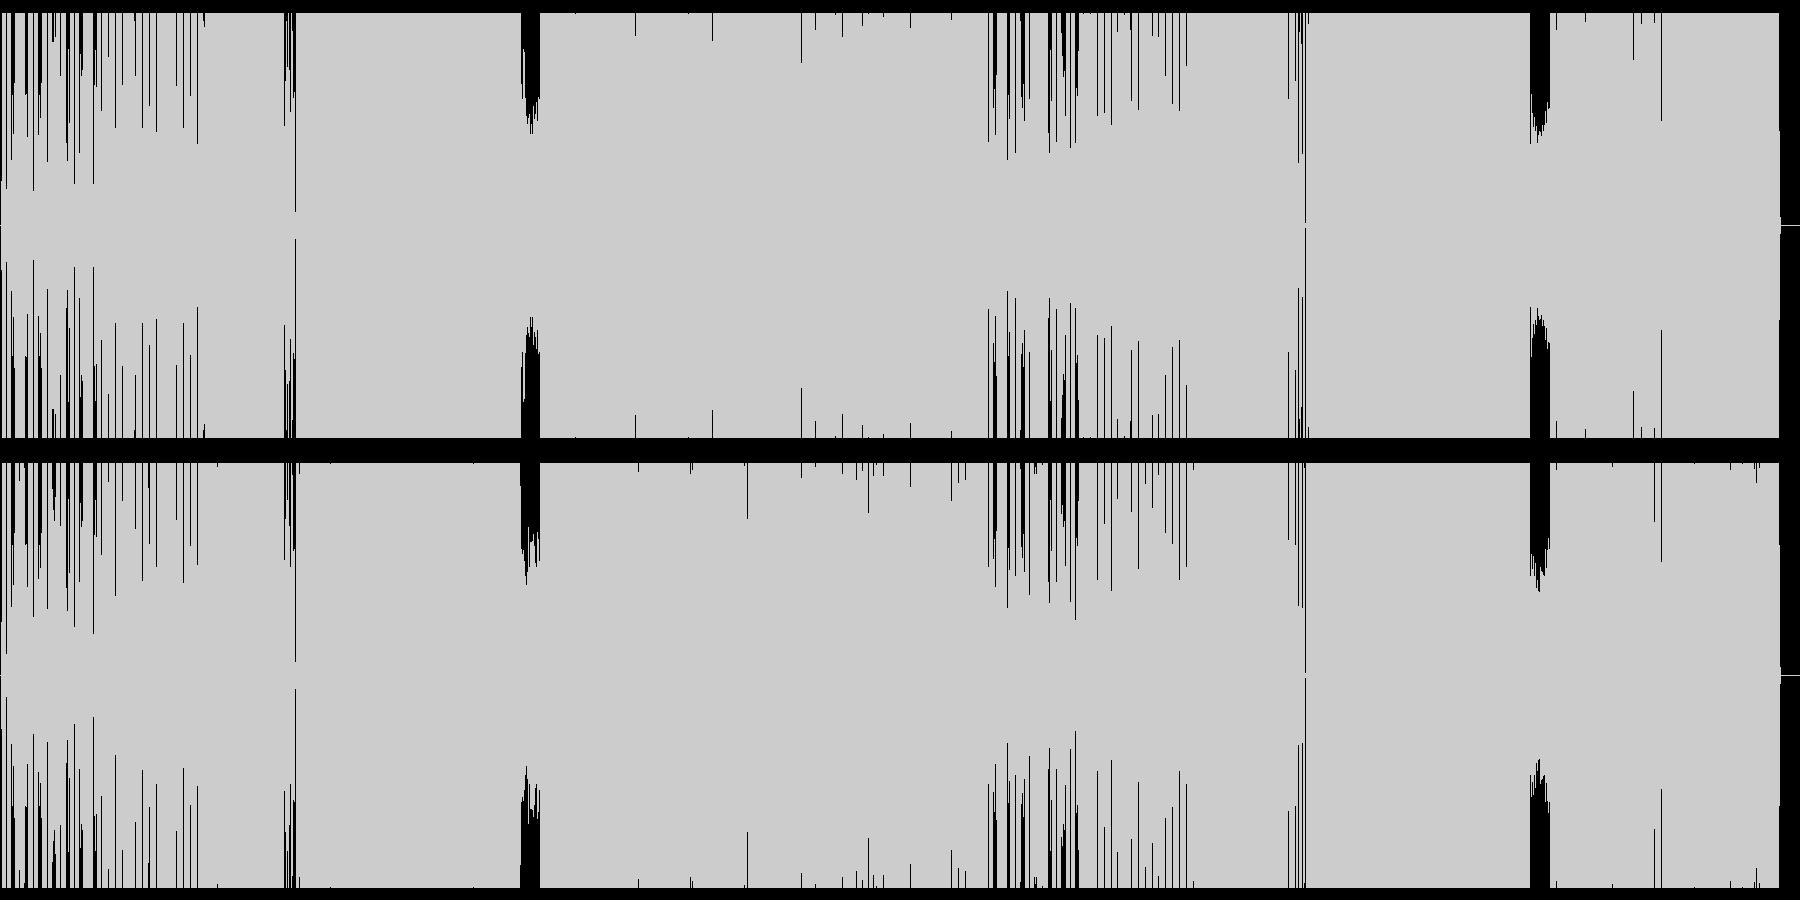 クールでアップテンポビートポップサウンドの未再生の波形